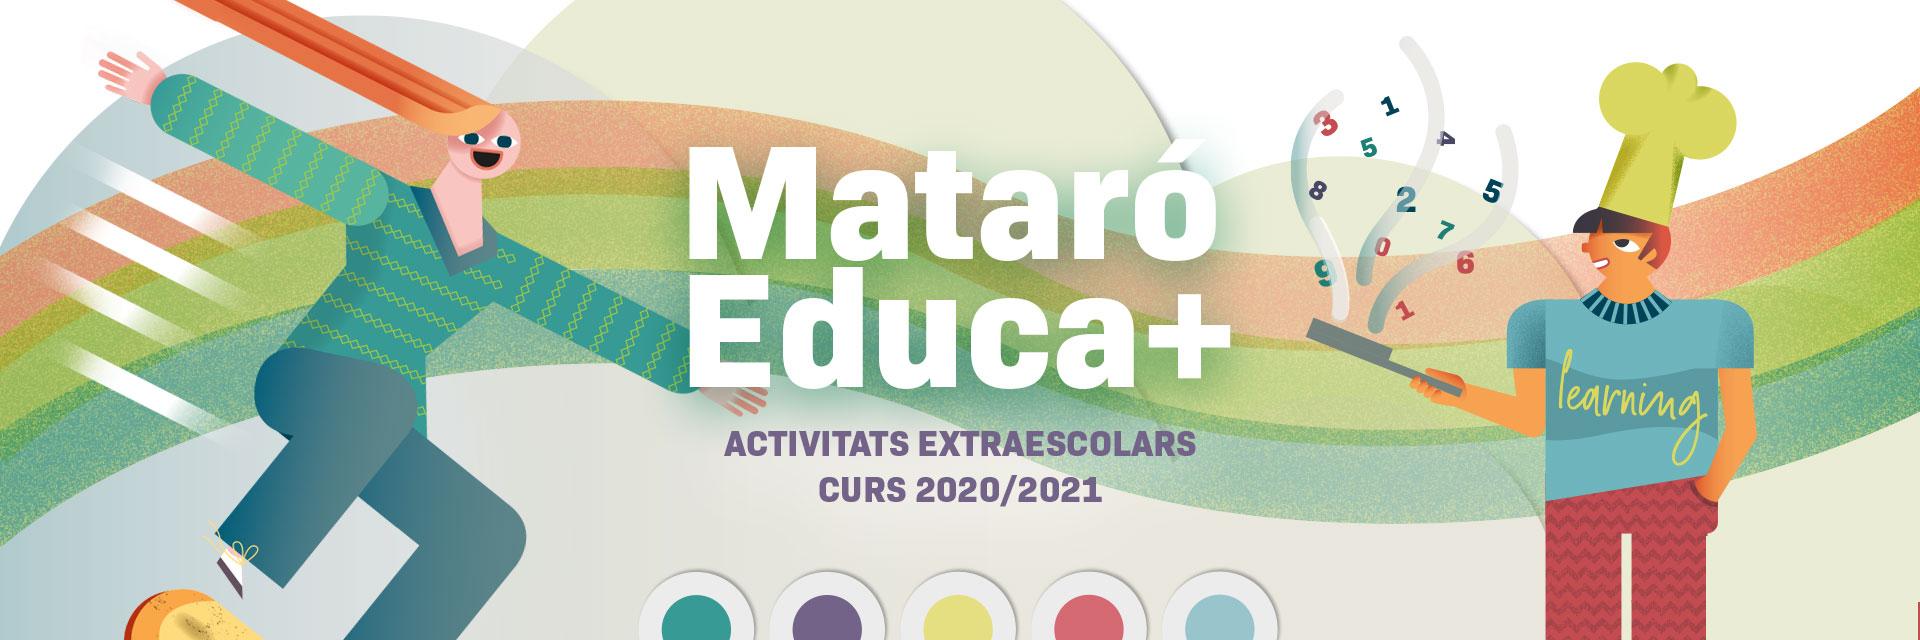 NextMataró